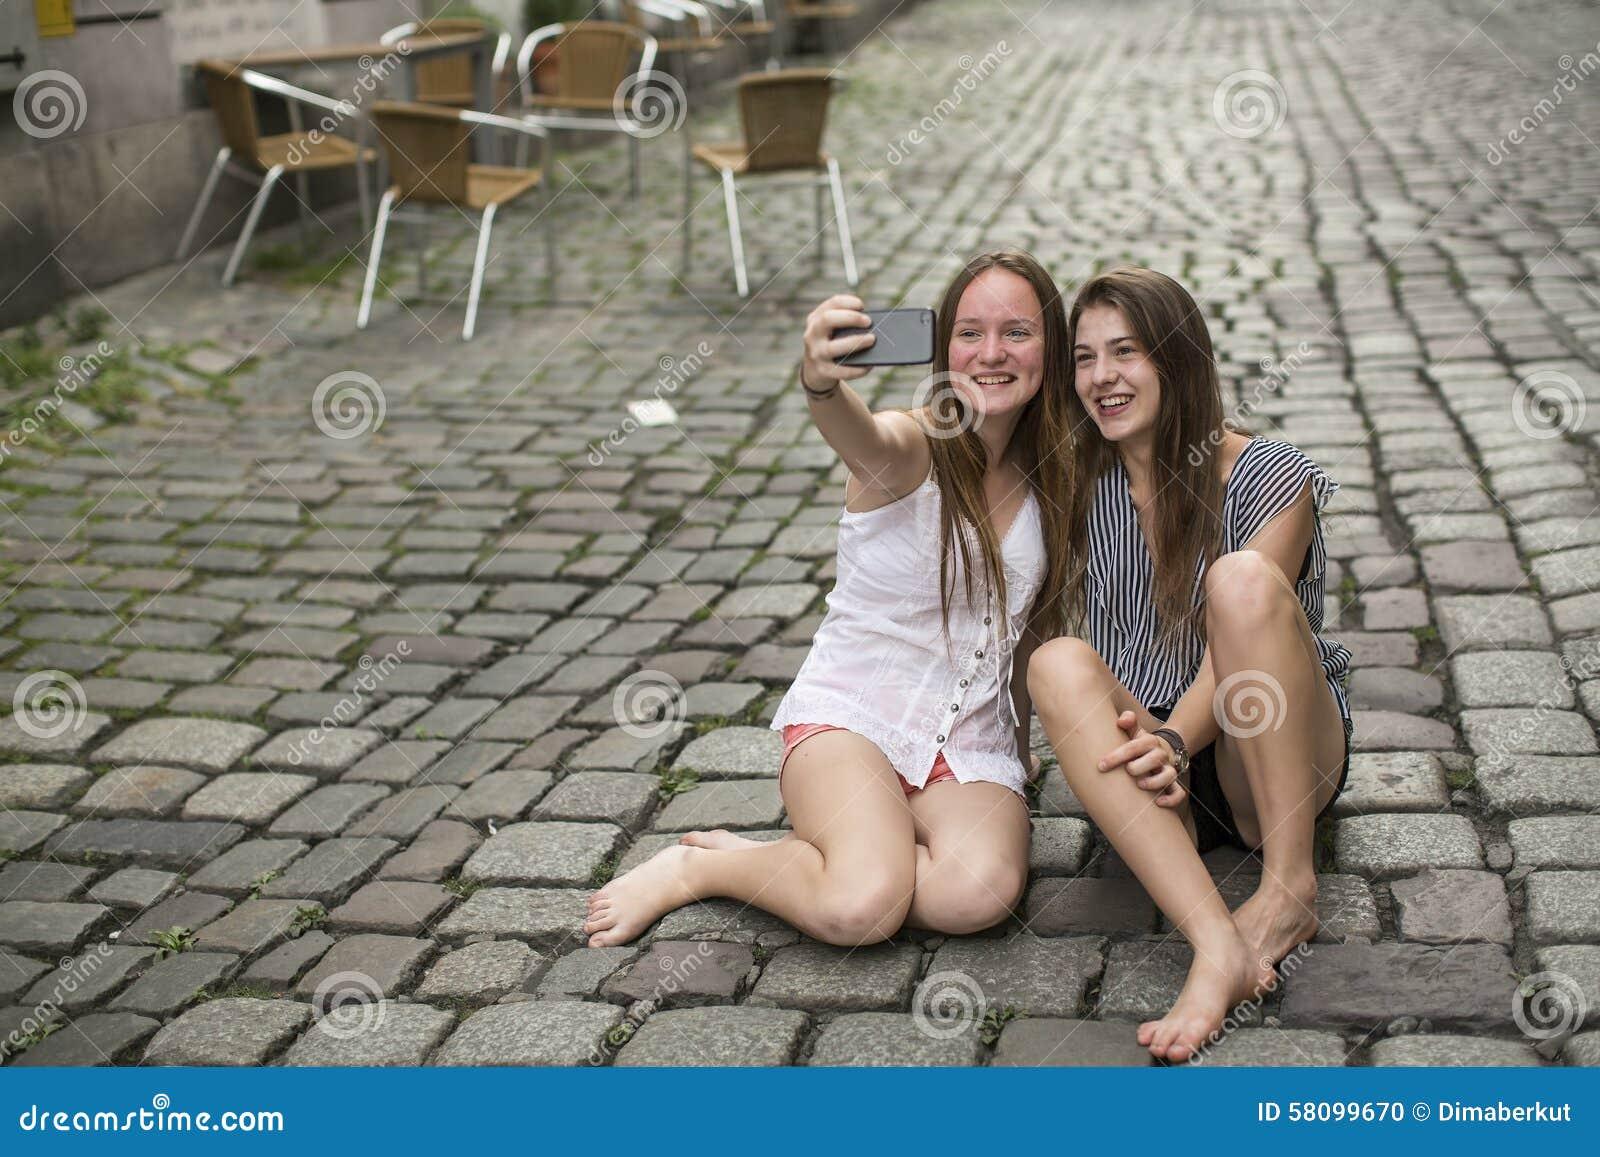 Två uppsluppna tonårs- flickor gör selfie på telefonsammanträdet på trottoaren